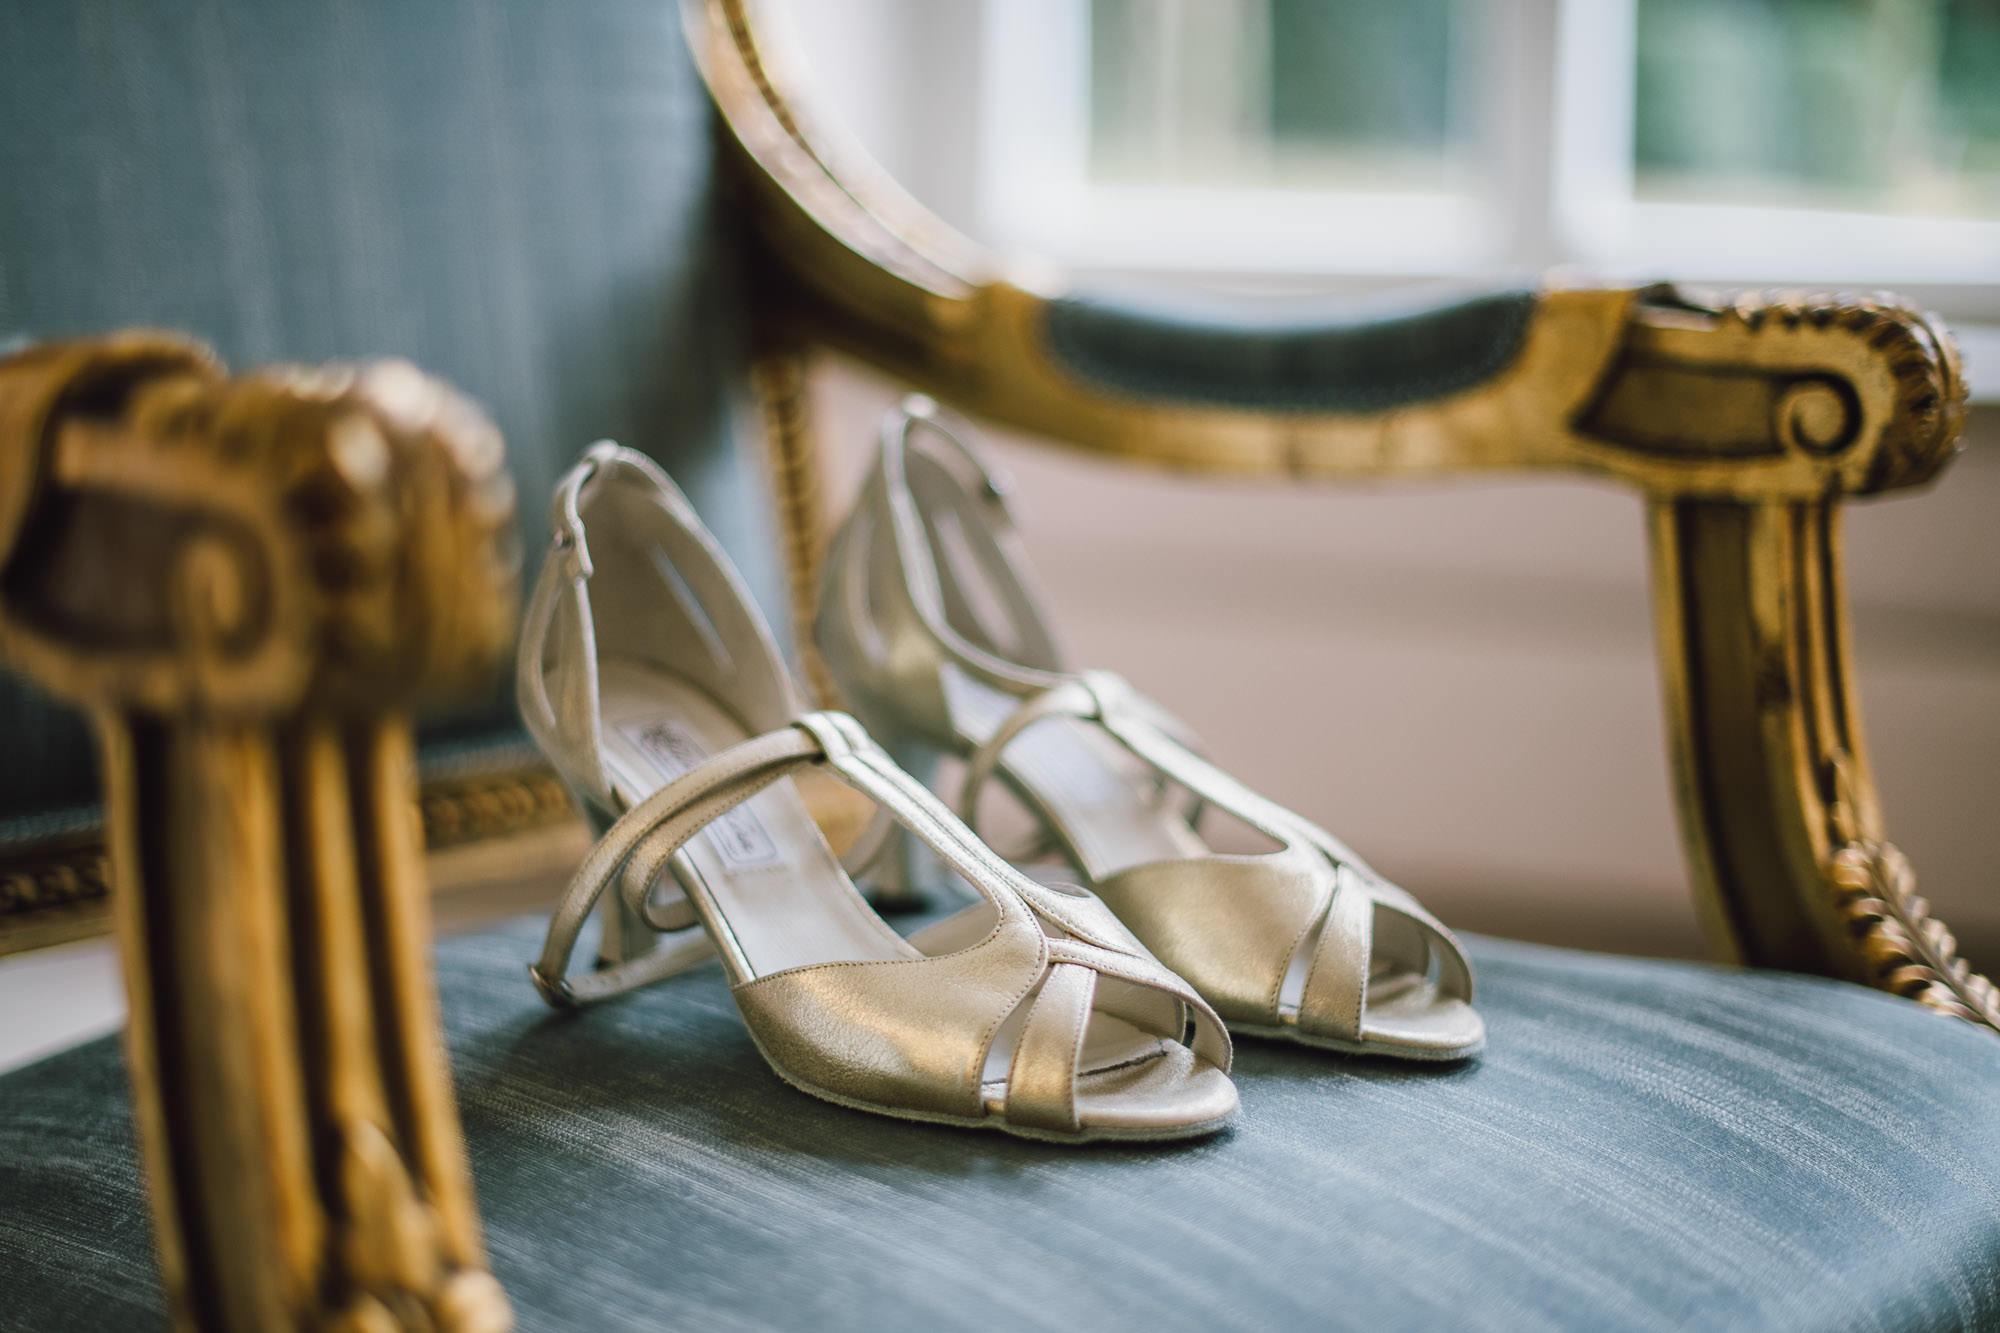 rustic-elegant-wedding-schloss-hochzeit-eyrichshof-franken-bamberg-015